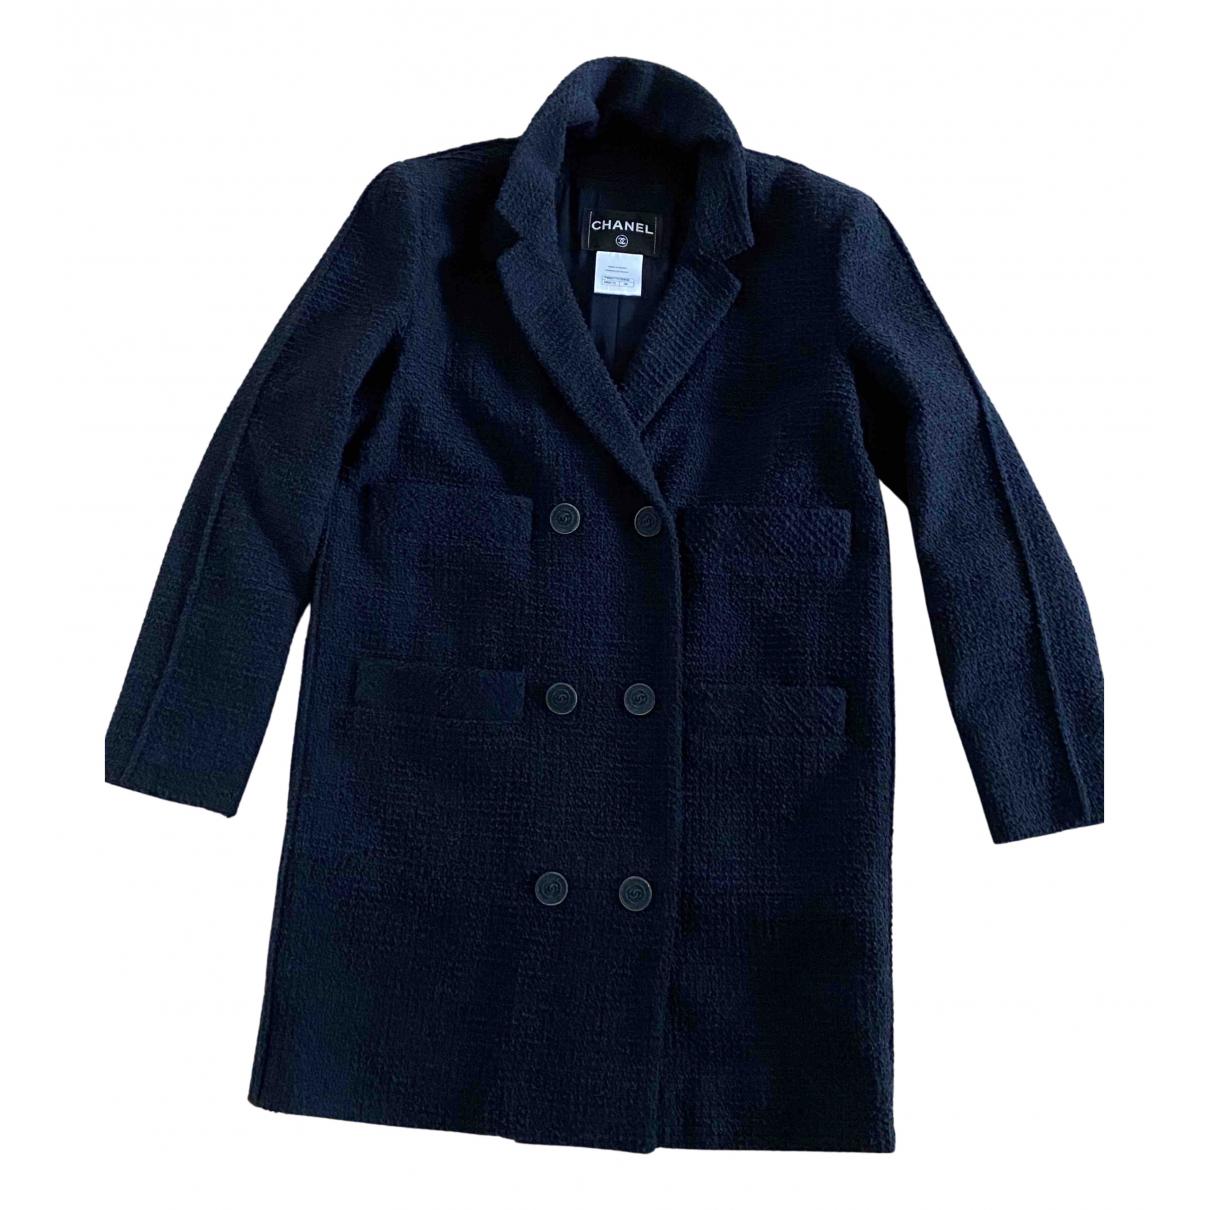 Chanel - Manteau   pour femme en laine - bleu